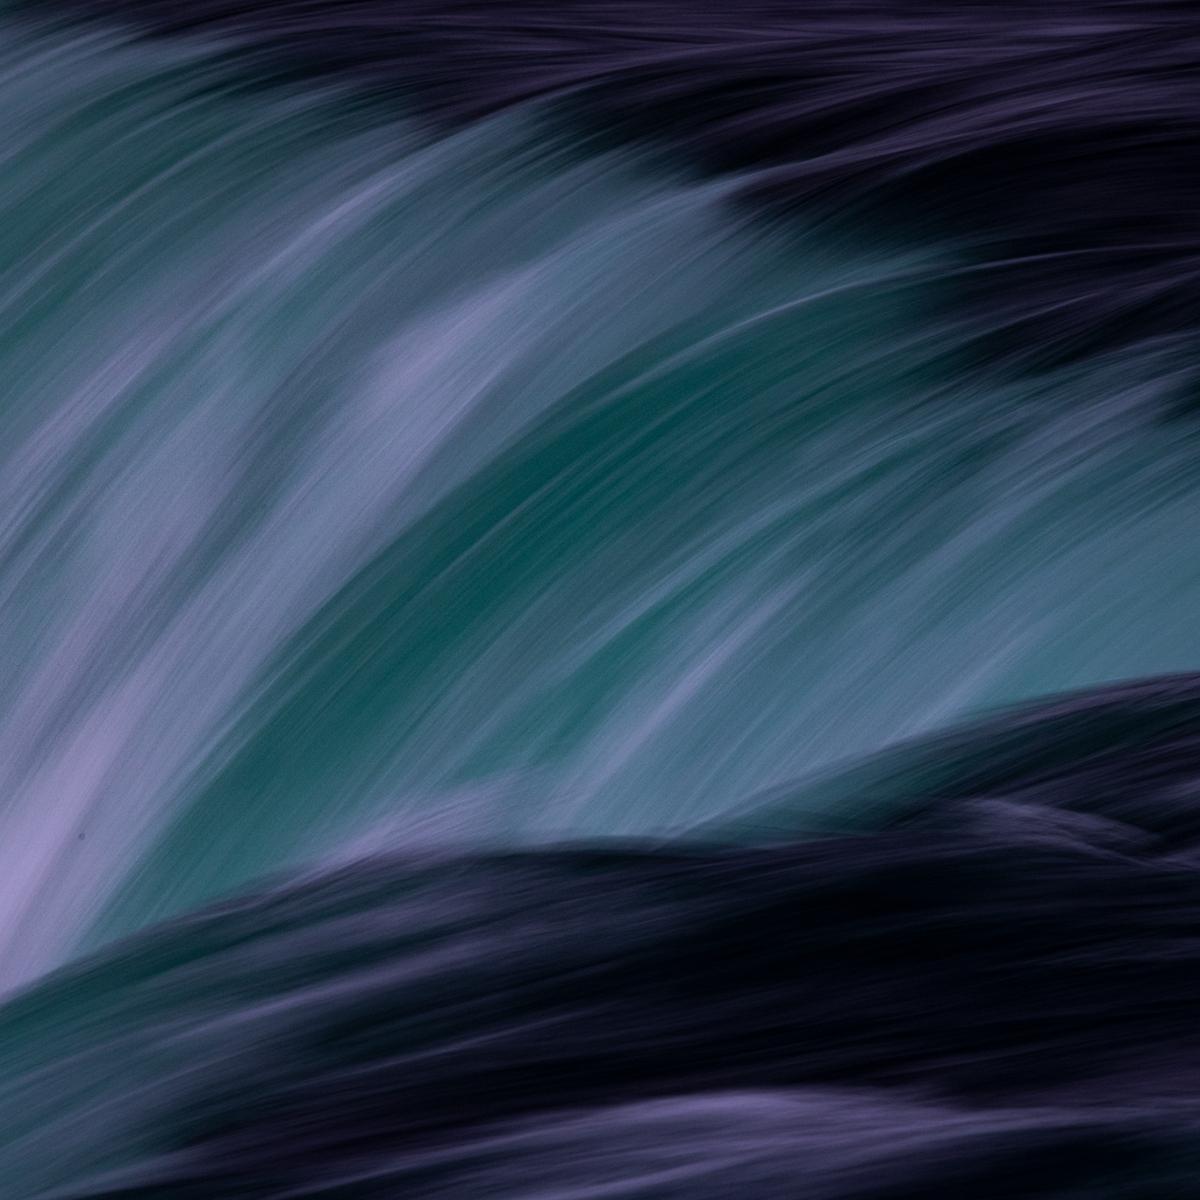 01-NiagaraFalls01